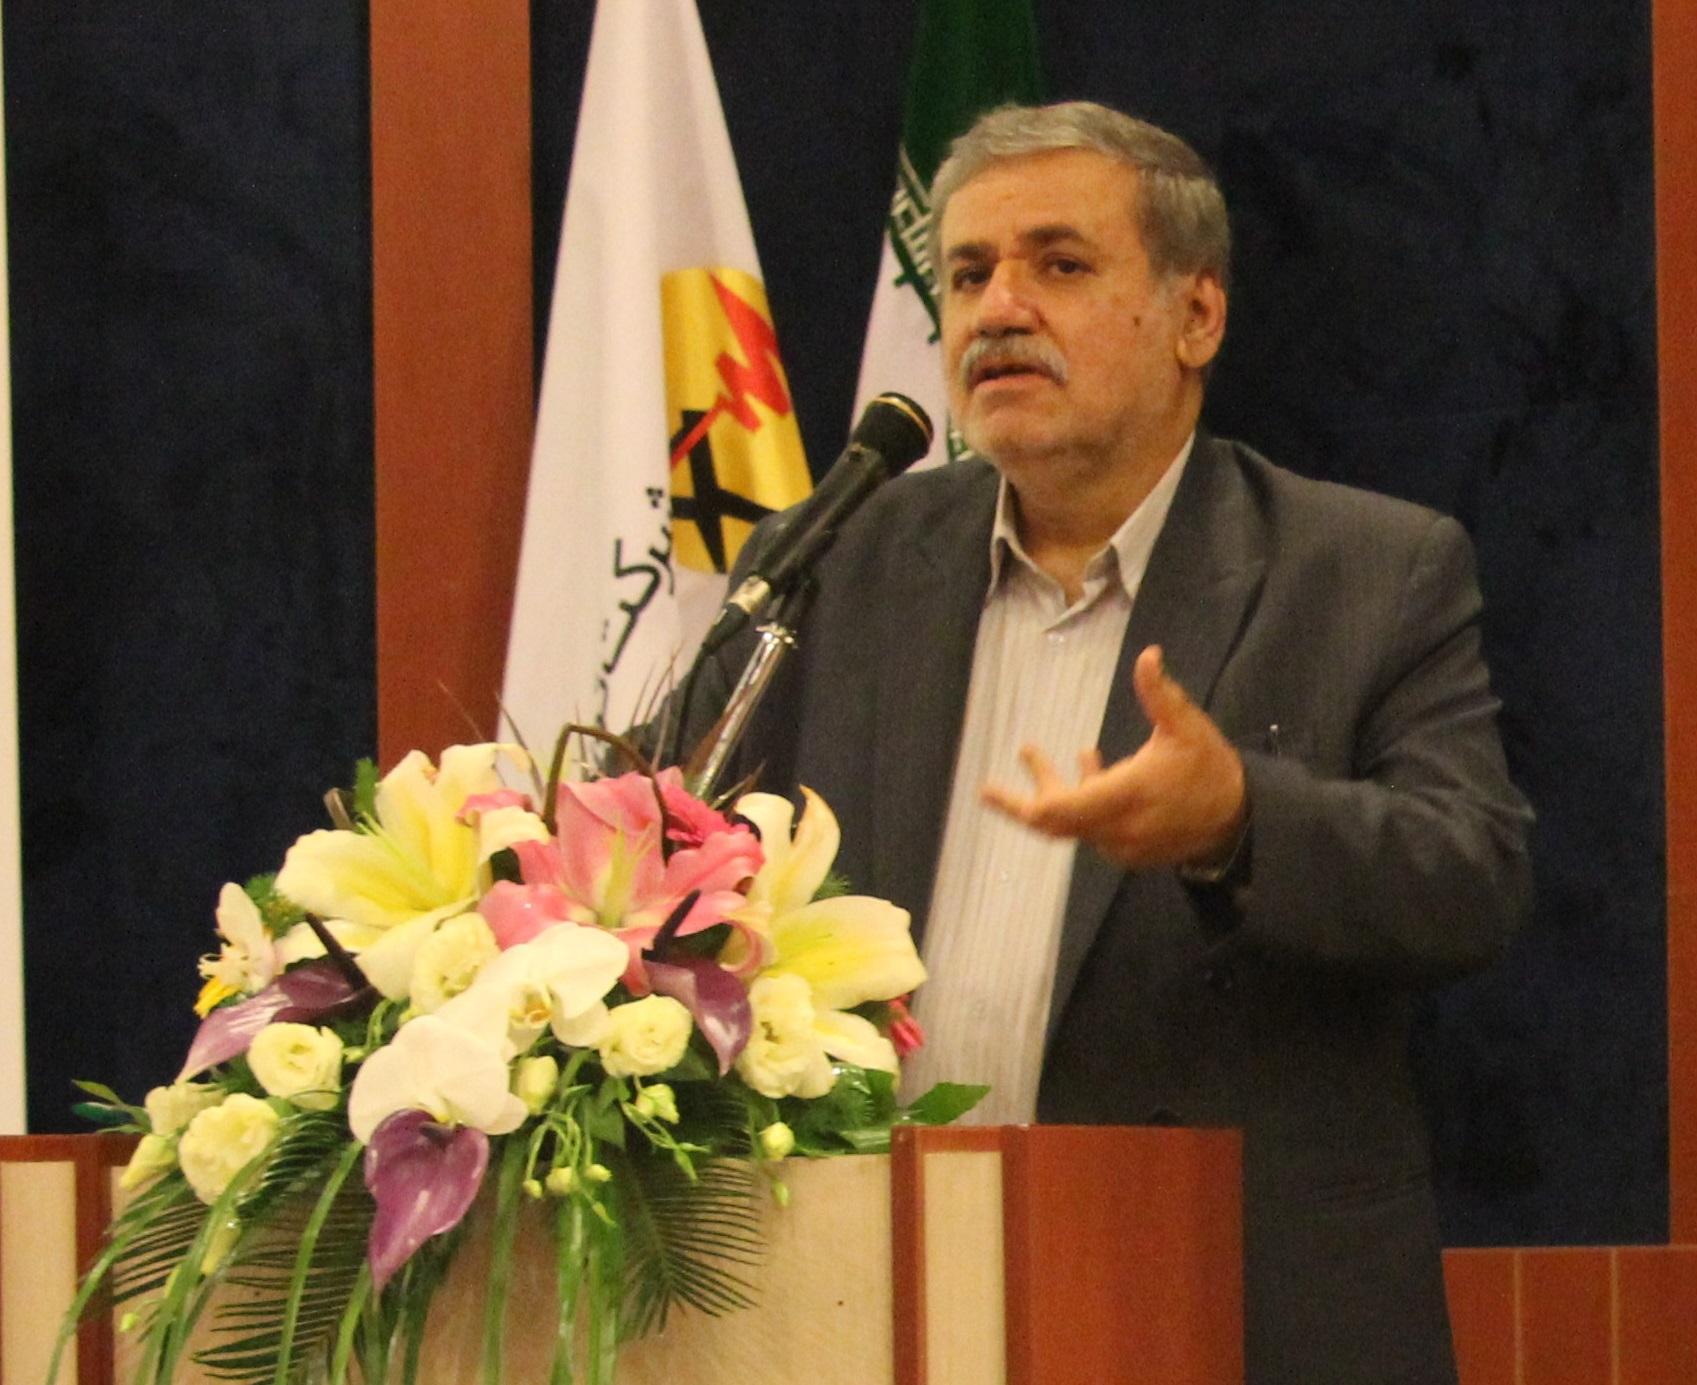 افزایش 70 درصدی مصرف برق مساجد بعد از رایگان شدن/ ایران 4 برابر اروپا برق مصرف می کند